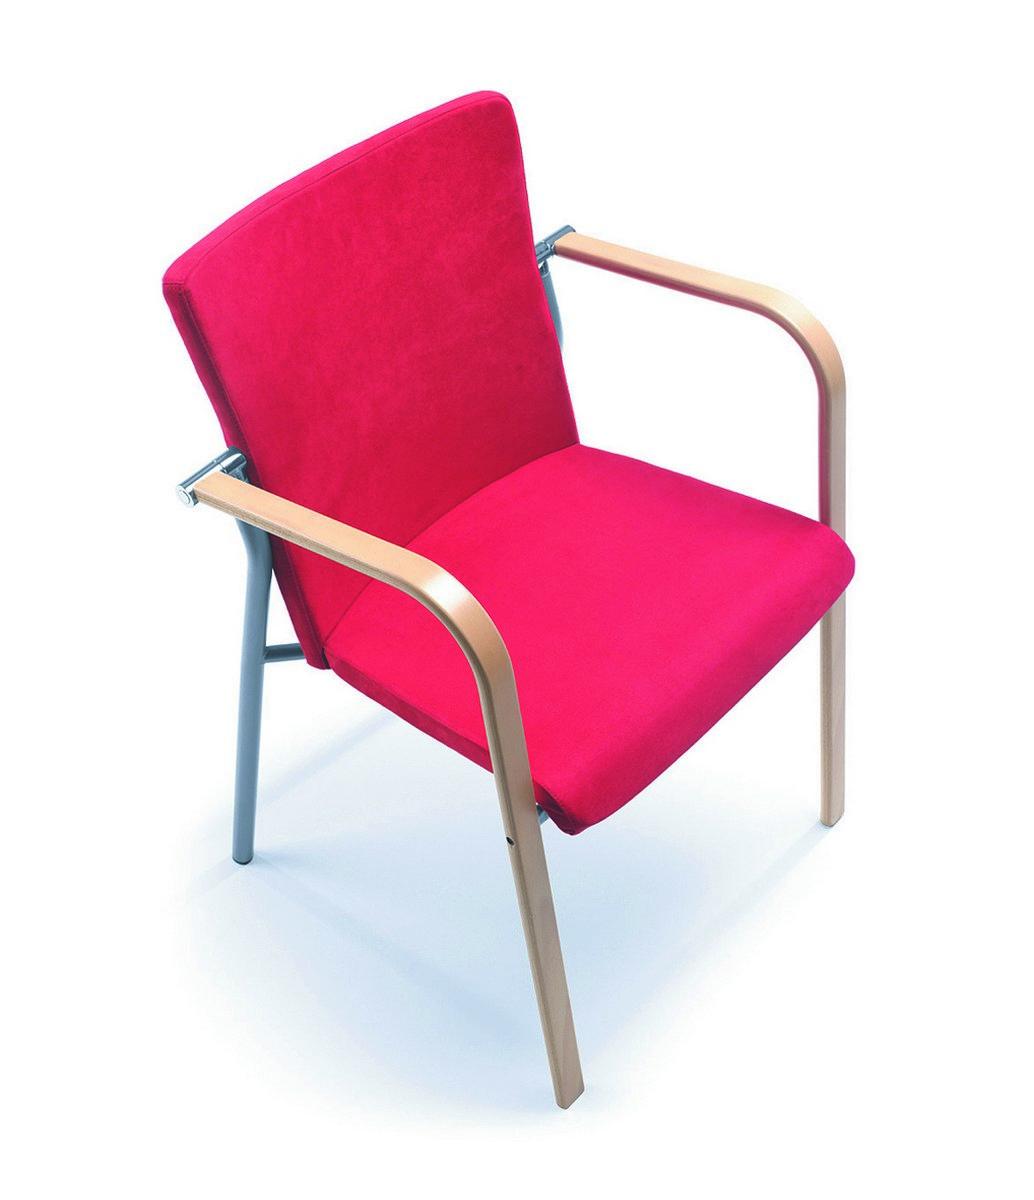 Różowe krzesła konferencyjne KALA, różowe fotele konferencyjne KALA